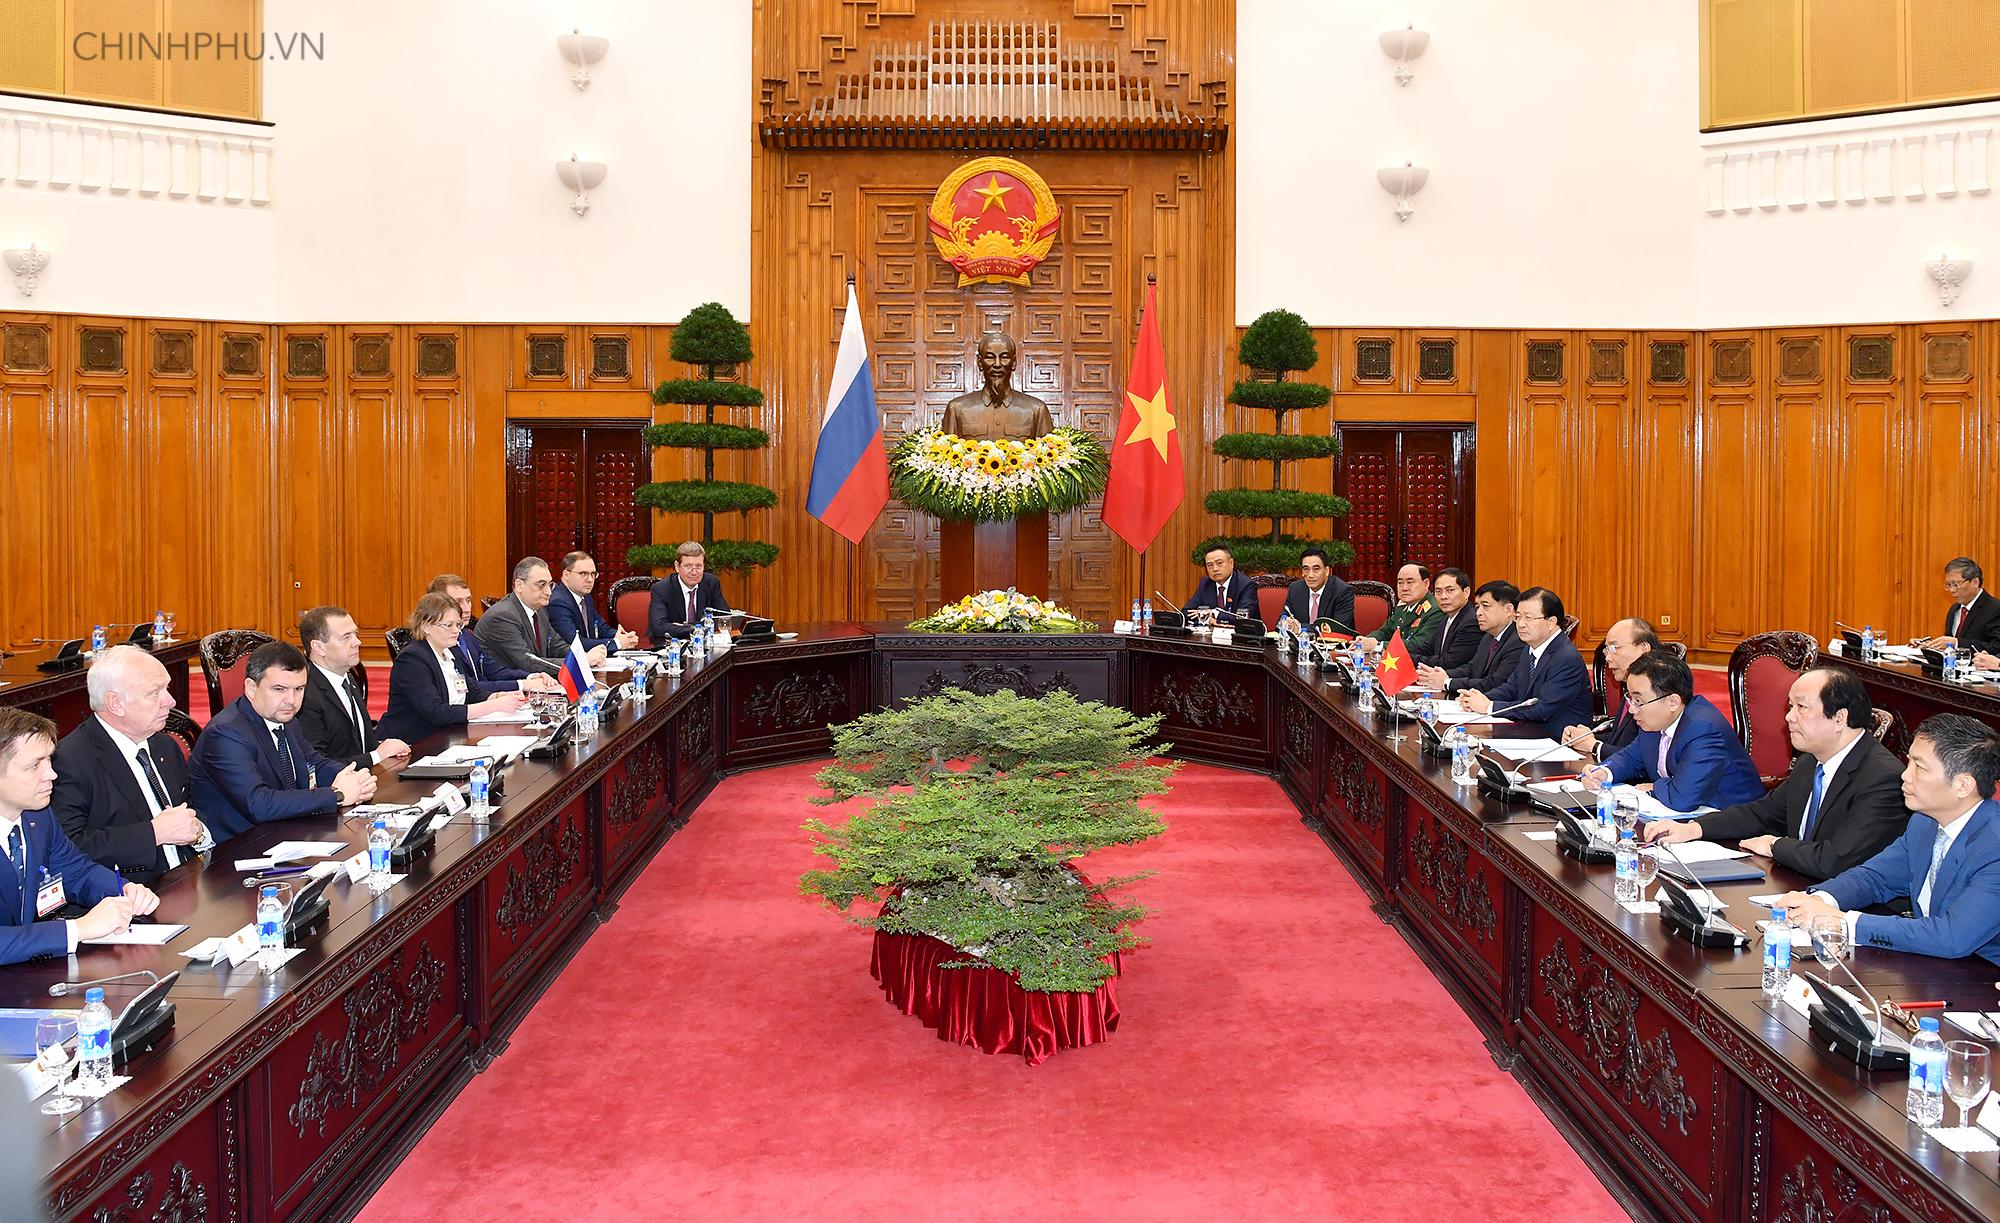 Việt Nam sẽ có Trung tâm KHCN hạt nhân trị giá 350 triệu USD